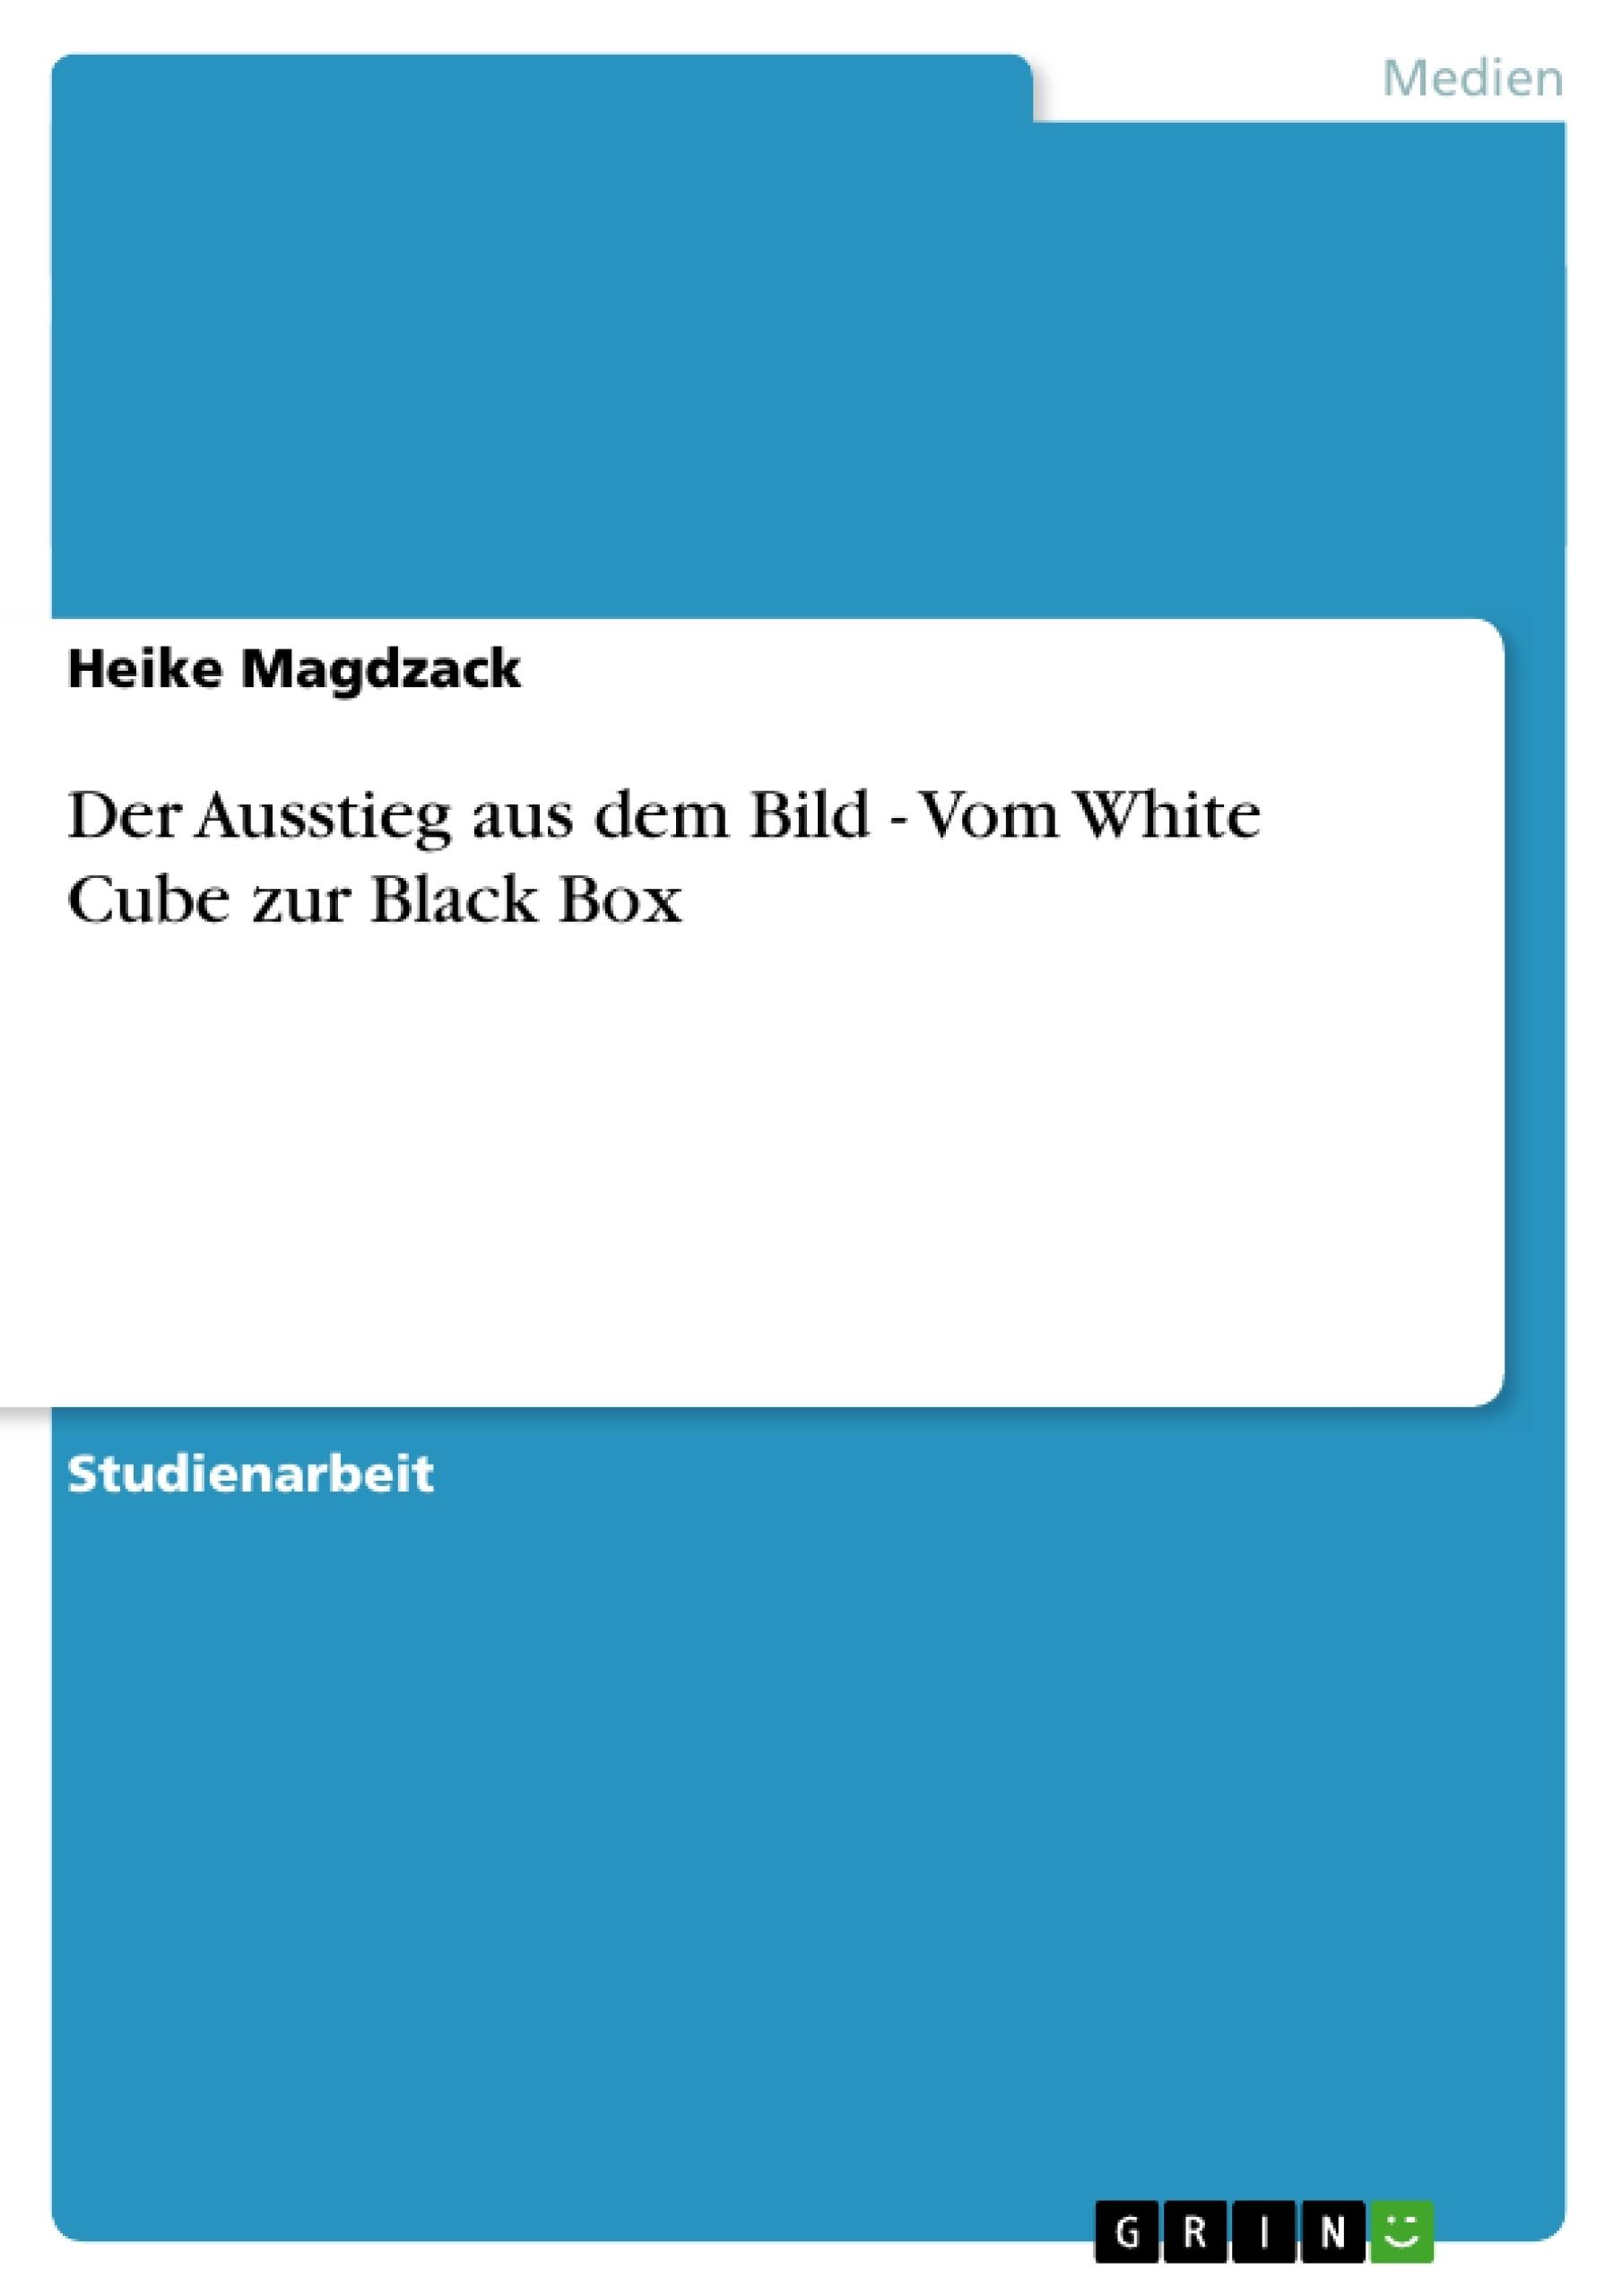 Titel: Der Ausstieg aus dem Bild - Vom White Cube zur Black Box